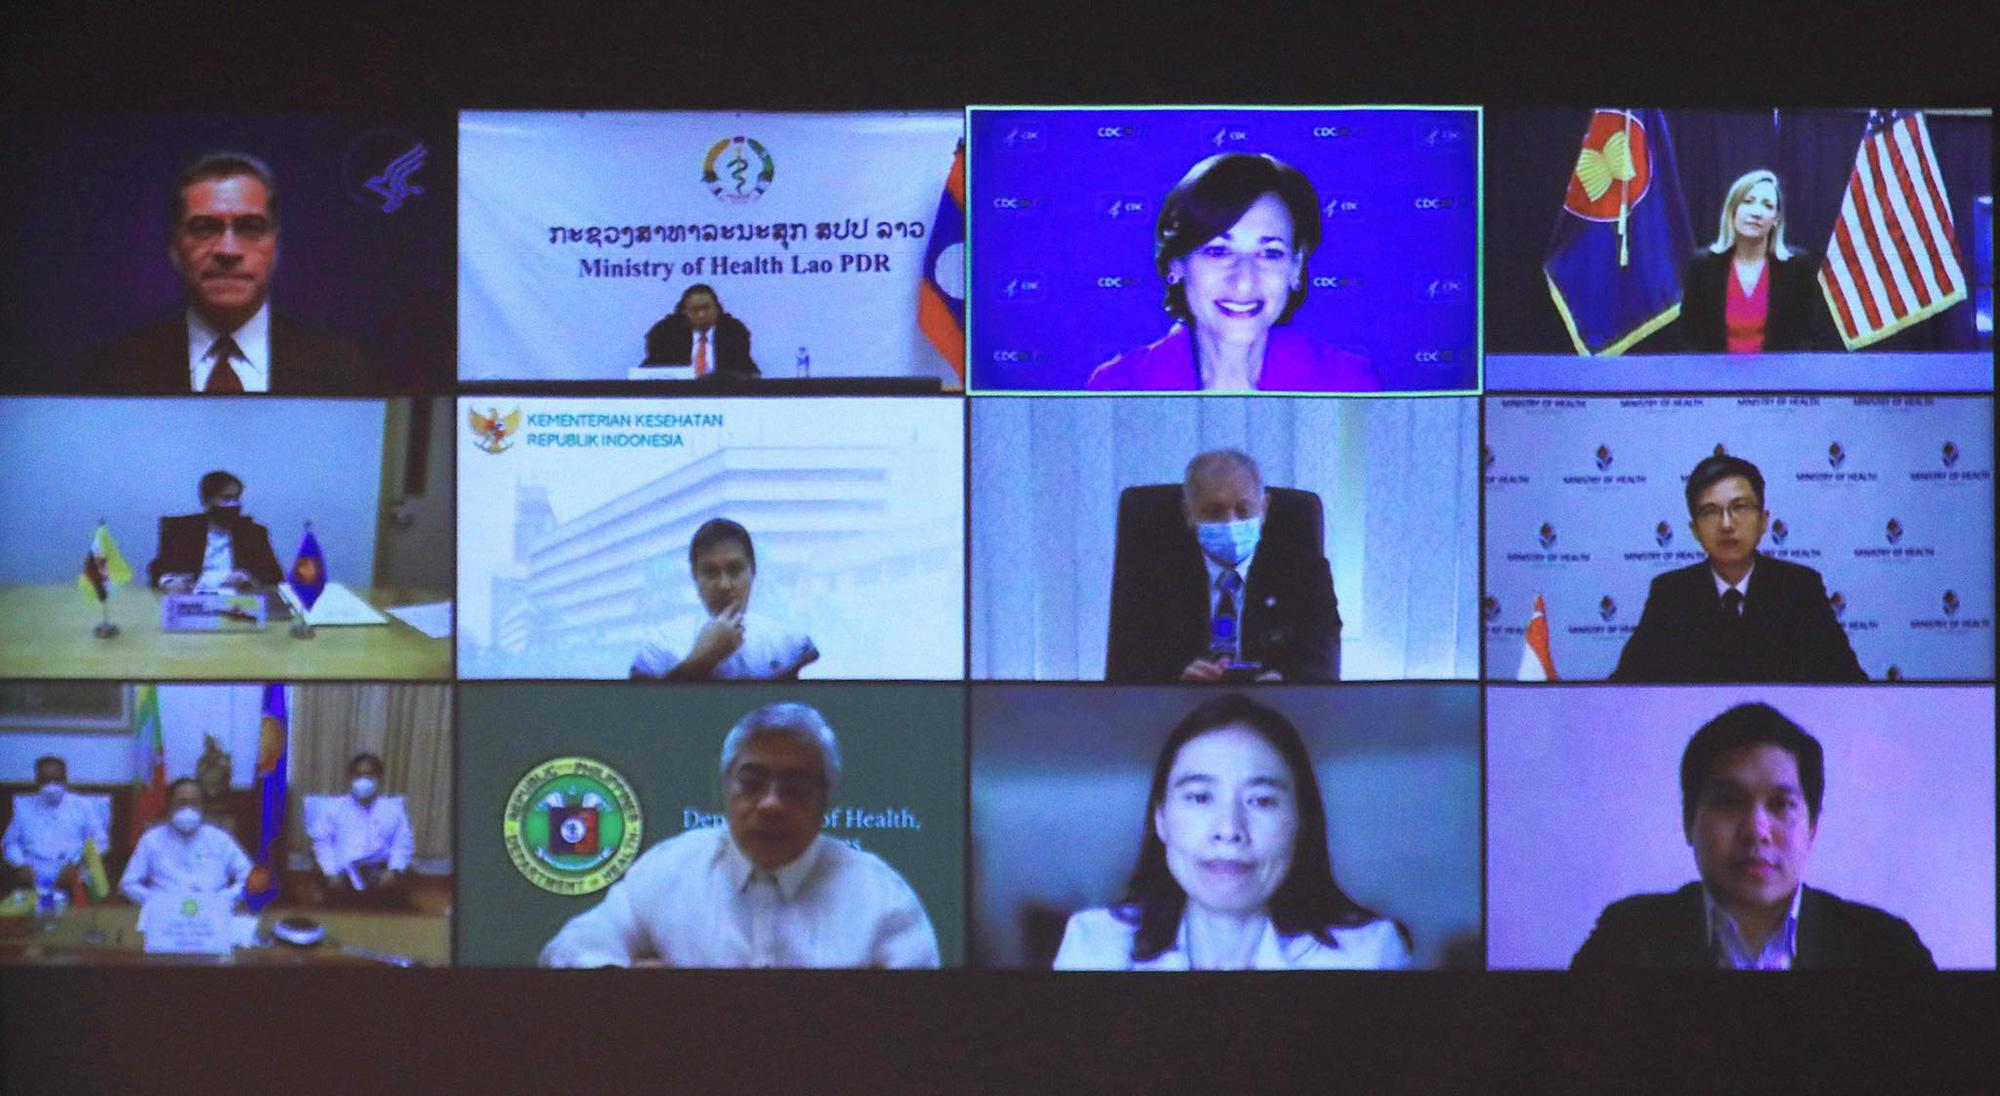 Khai trương Văn phòng CDC khu vực Đông Nam Á tại Hà Nội: Nâng cao năng lực ứng phó các bệnh truyền nhiễm - Ảnh 5.